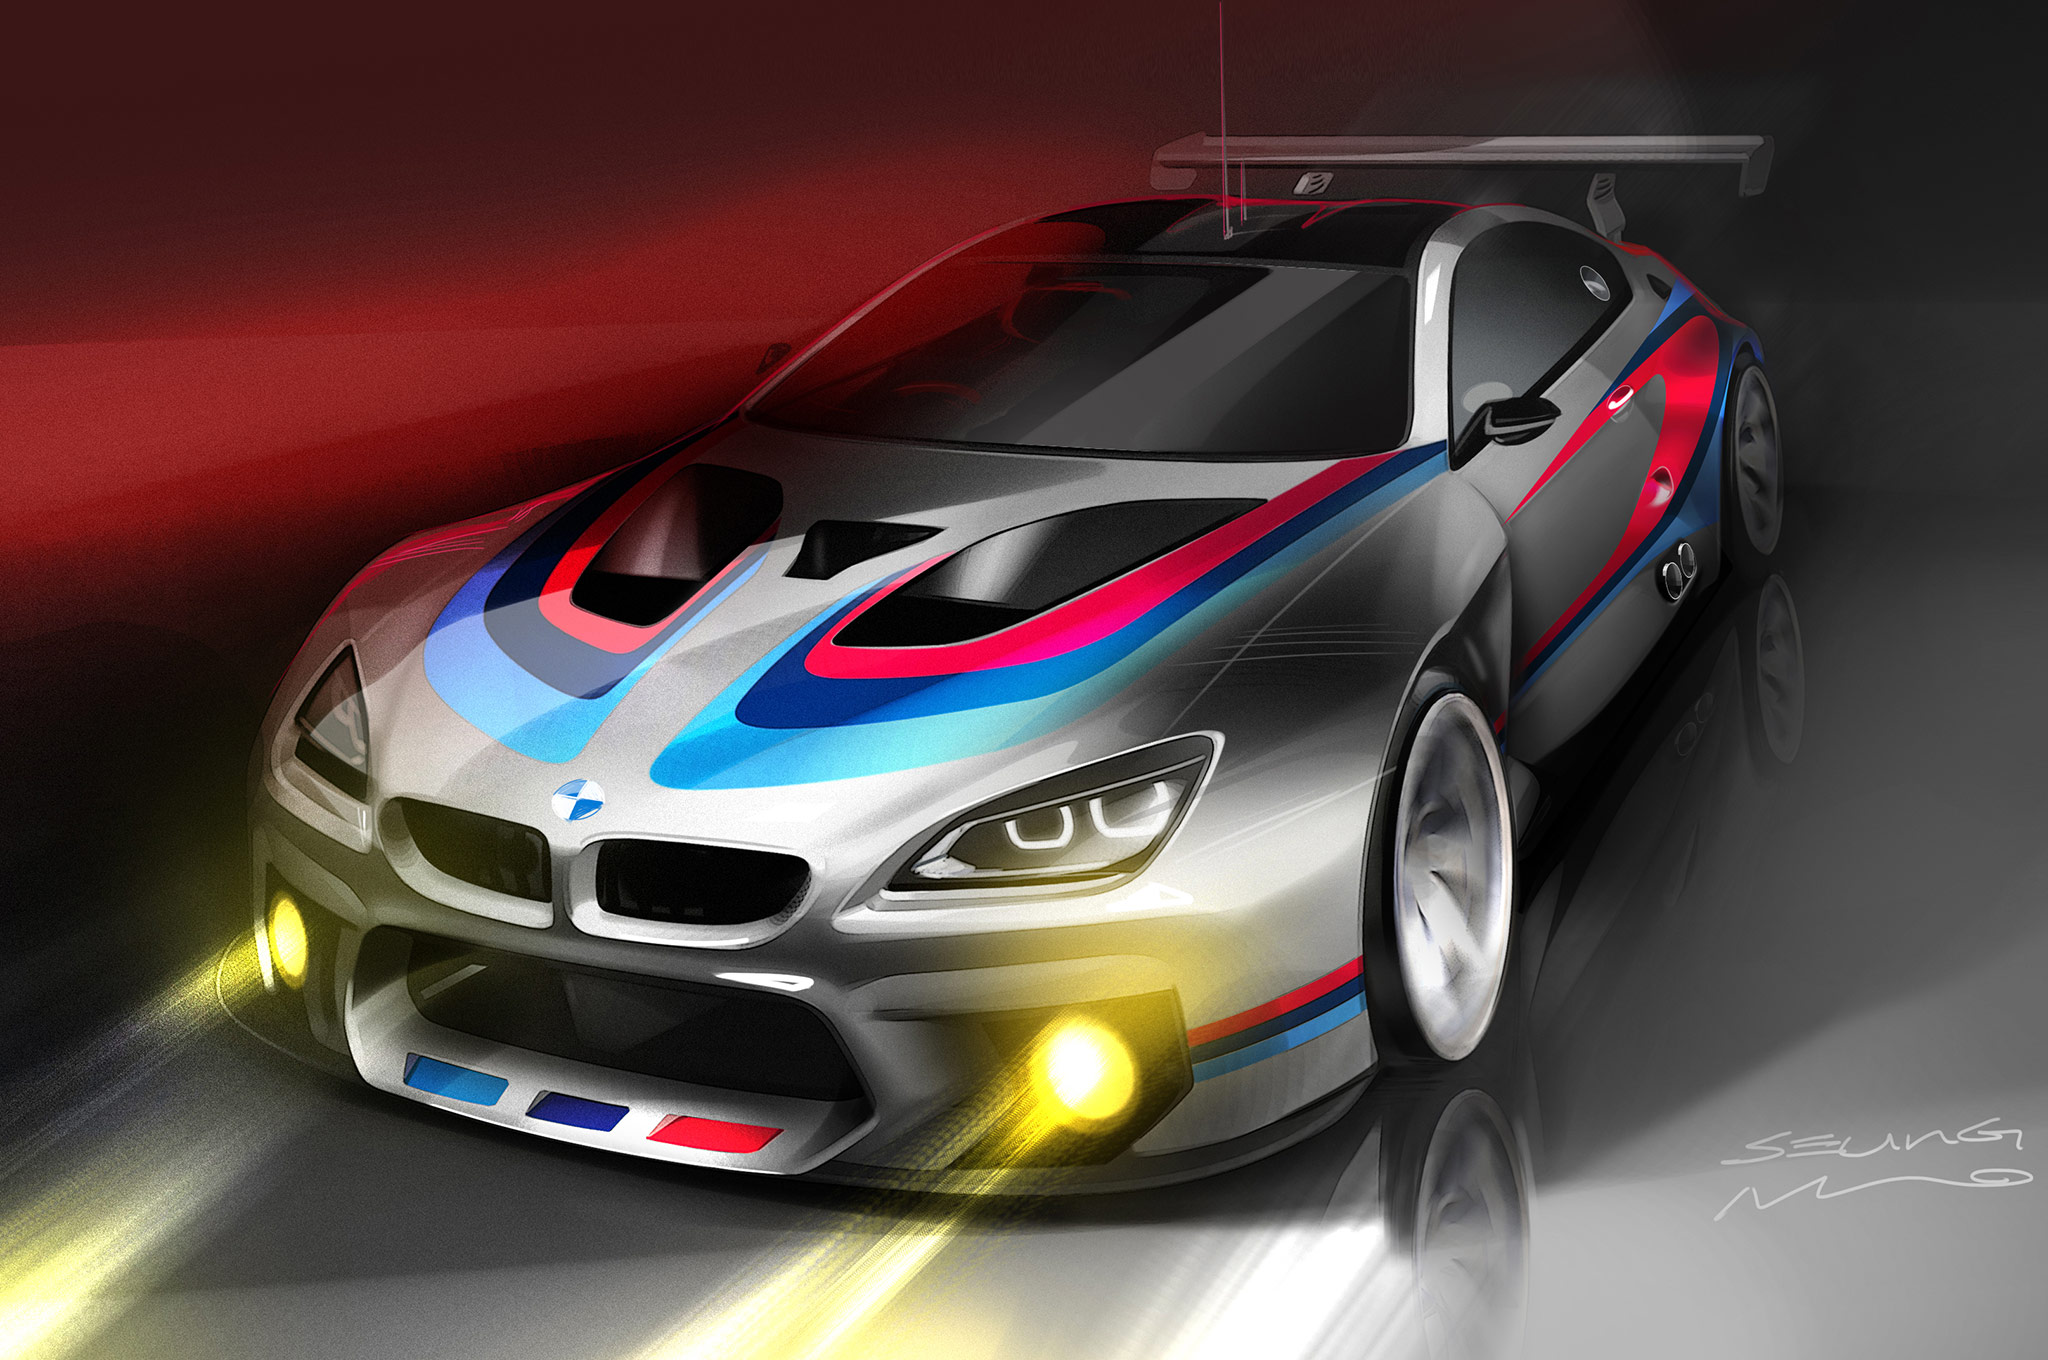 Previews M6 GT3 Racing Car